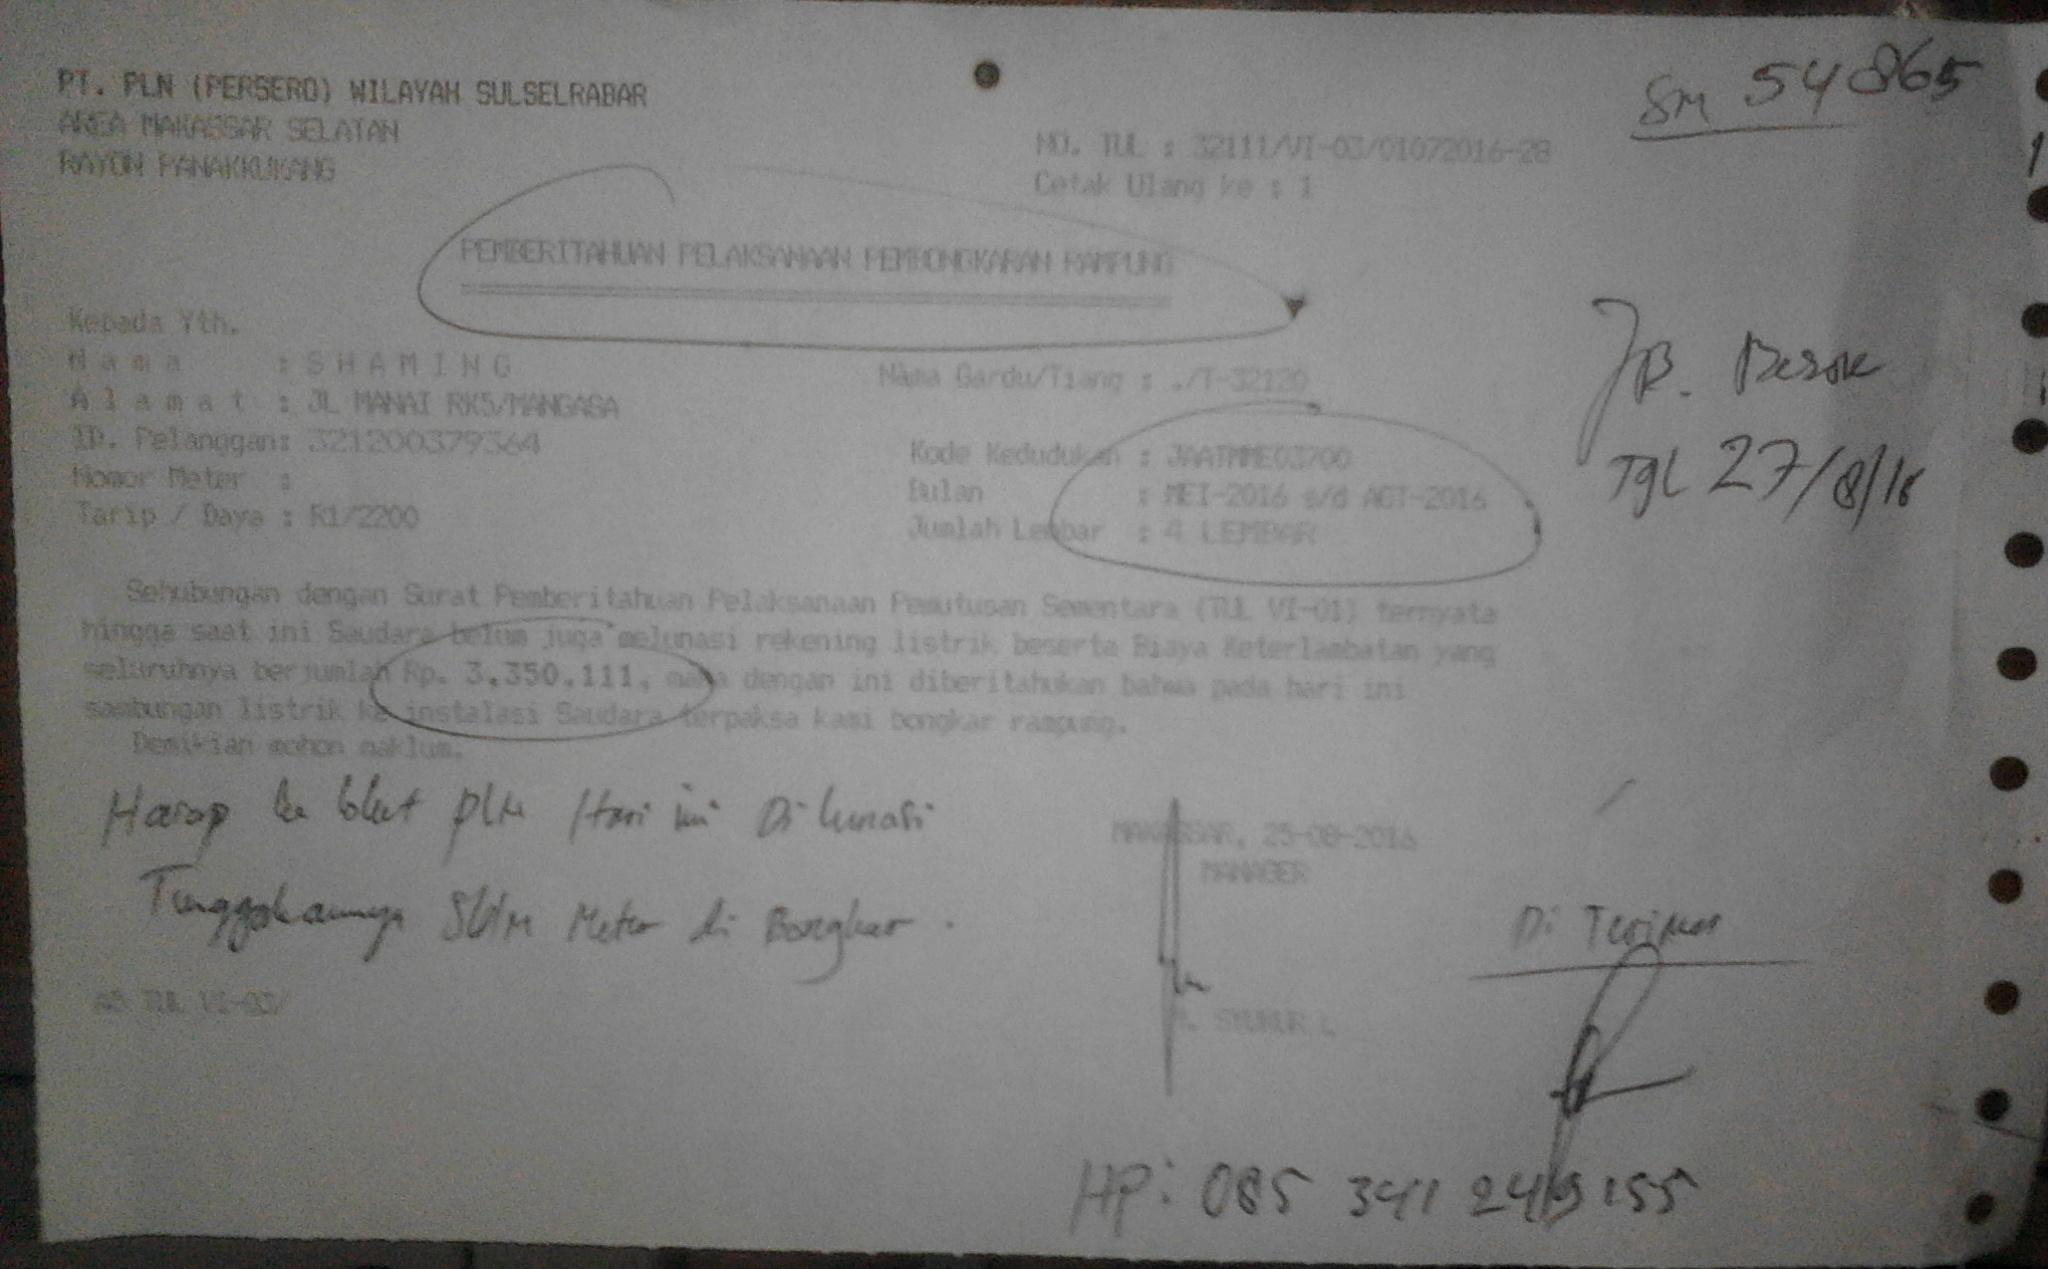 Surat Pemberitahuan Pembongkaran Meteran Listrik